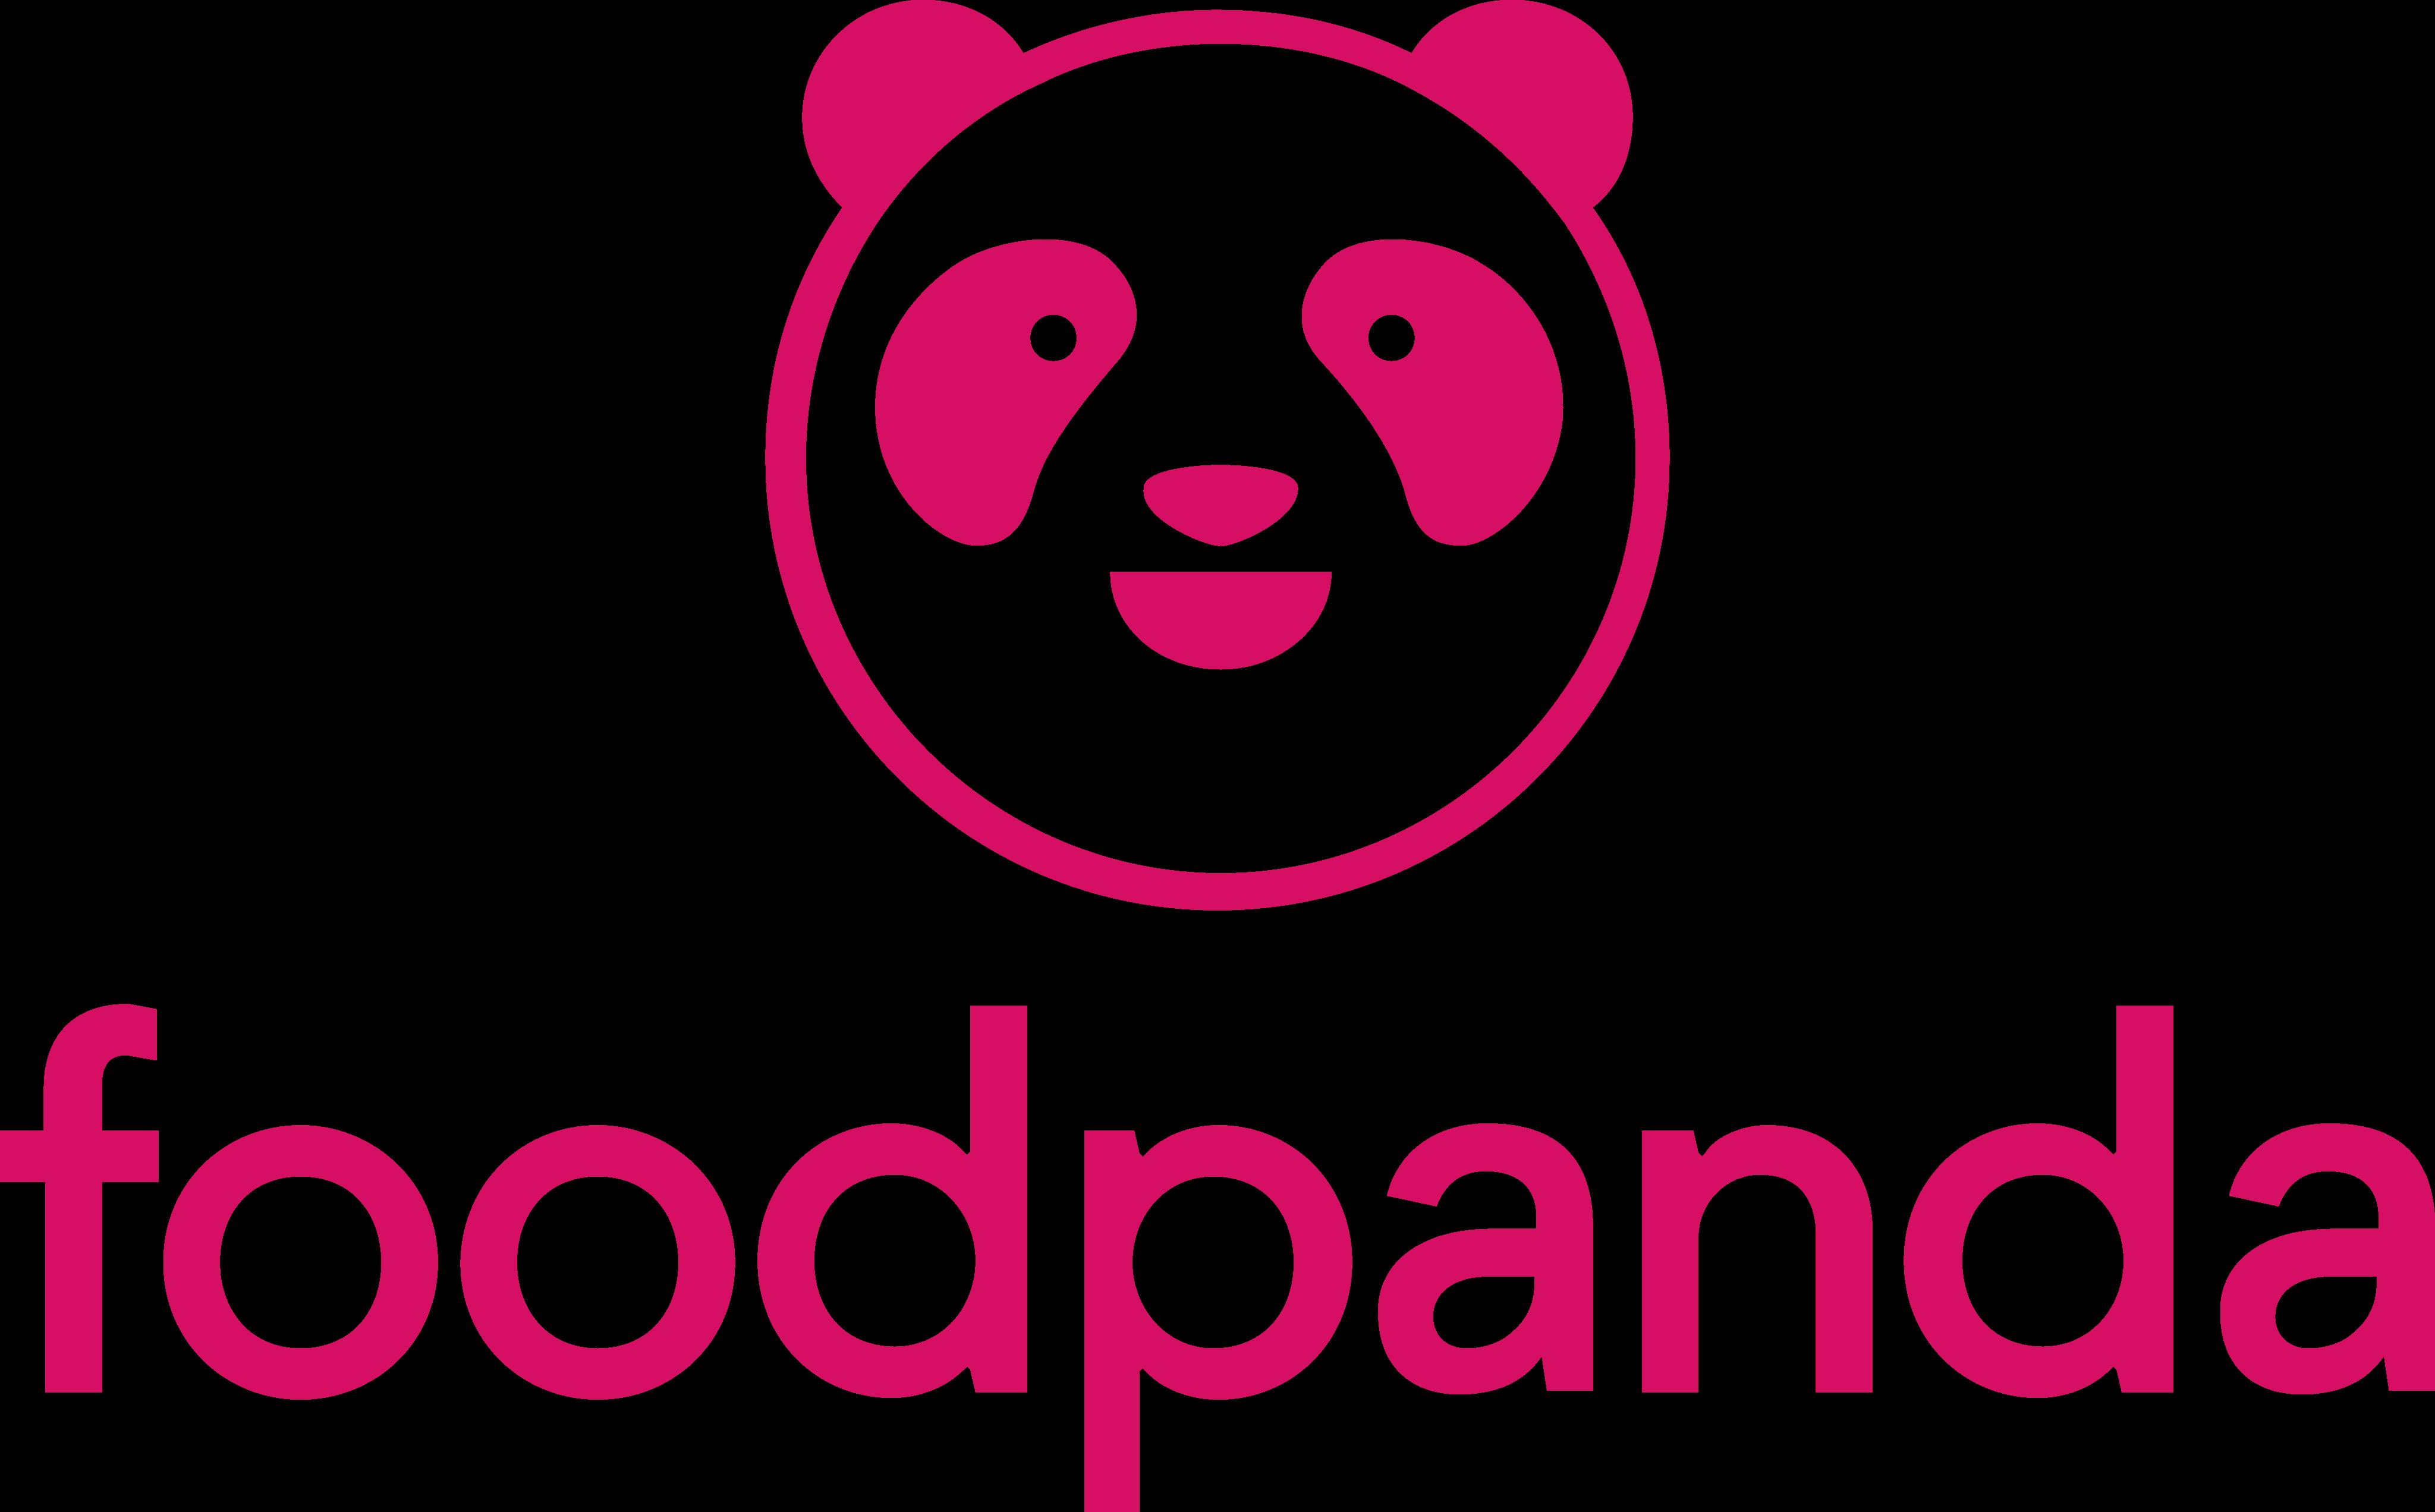 foodpanda logo 1 - Foodpanda Logo